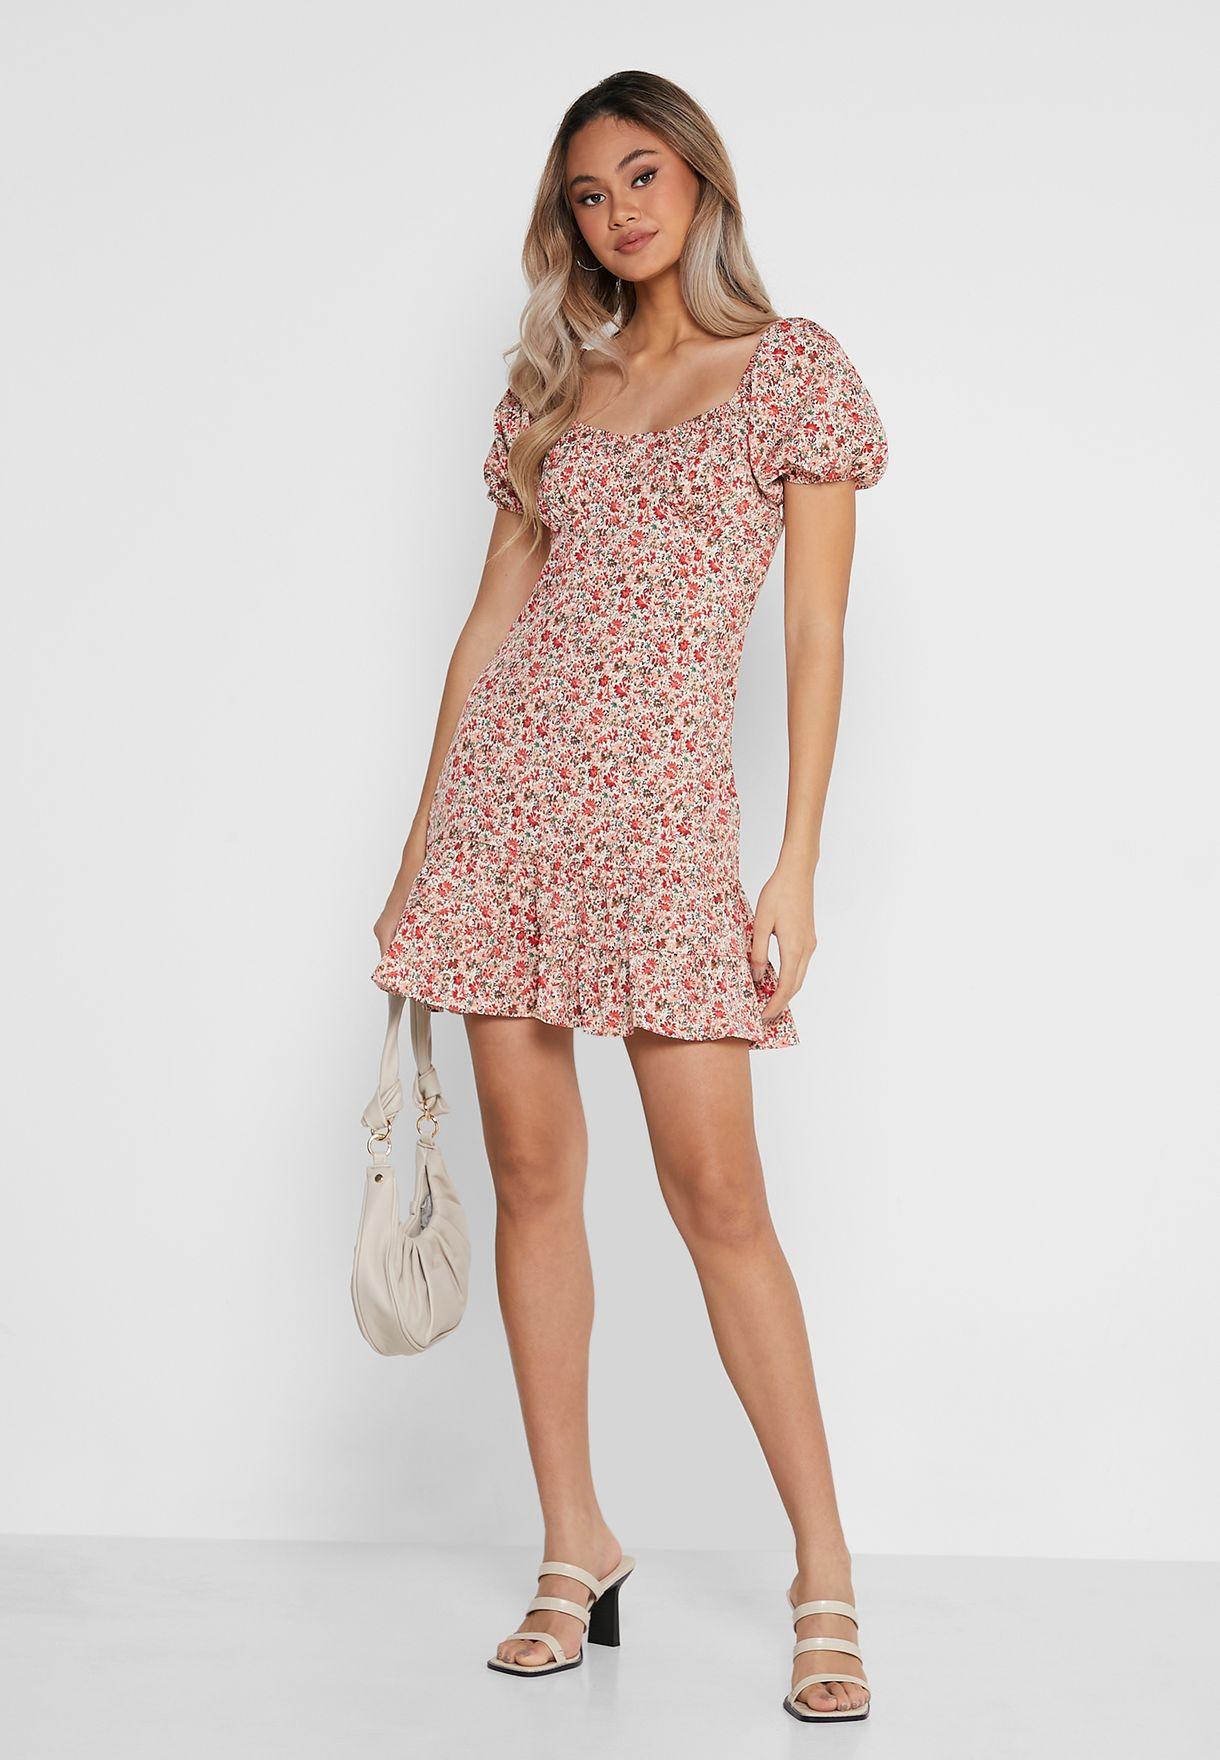 فستان بيبلوم بطبعات ازهار